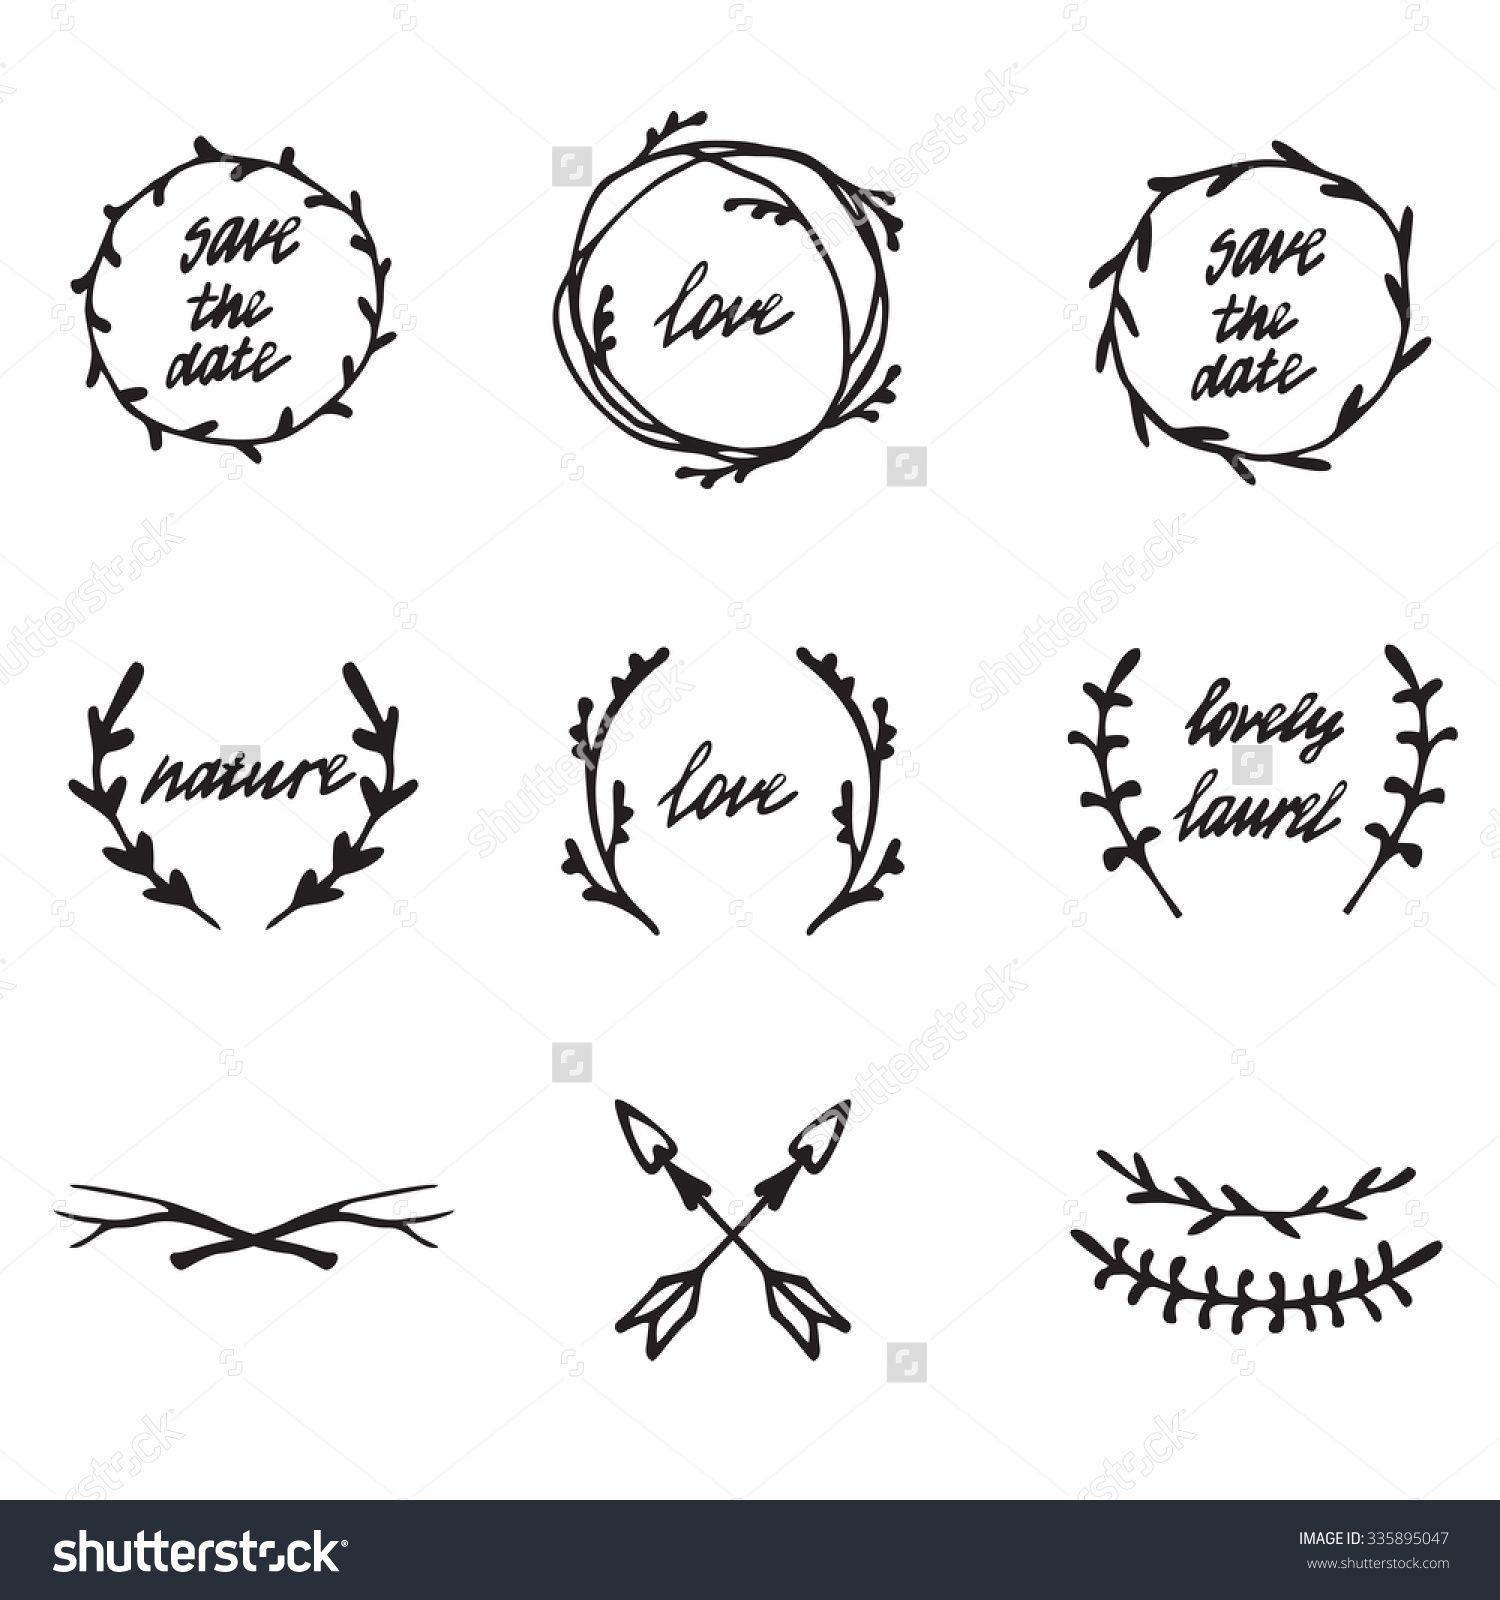 Boho clipart leaf. Doodles pesquisa google bullet